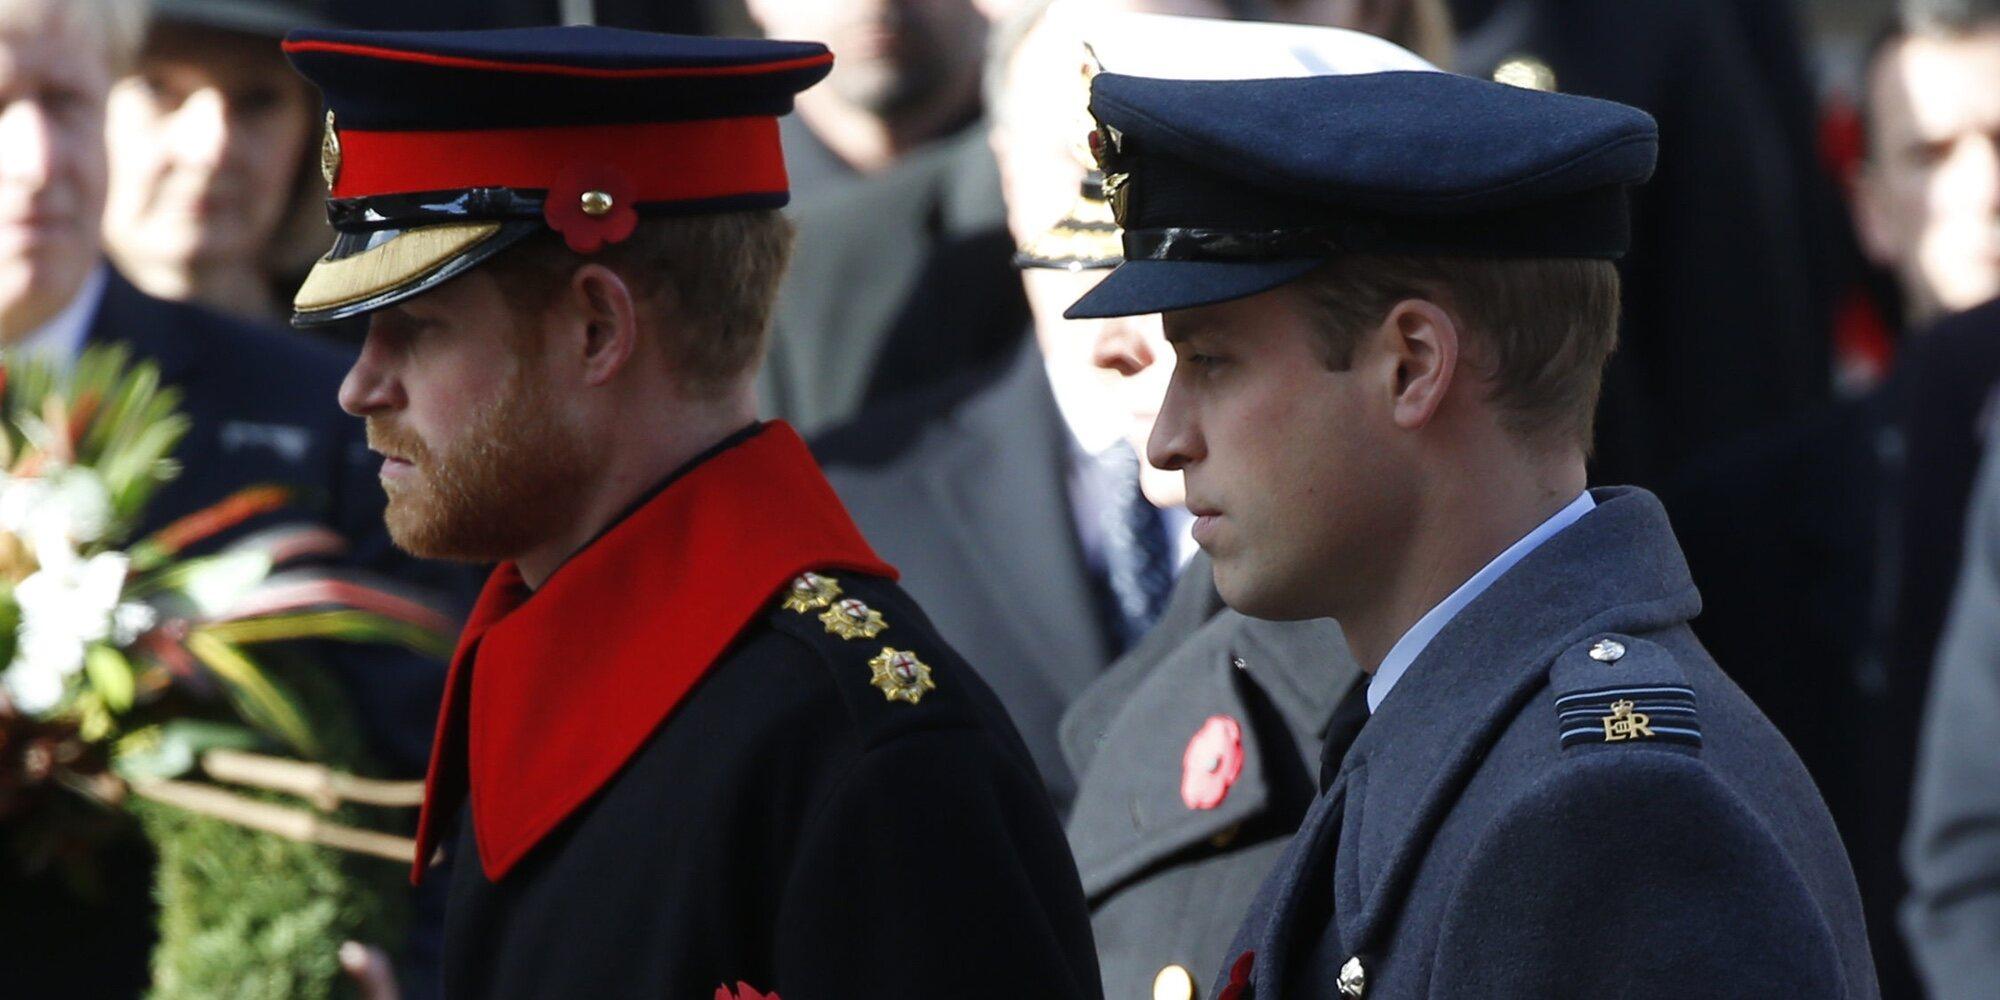 Fue el Príncipe Guillermo el que decidió alejarse del Príncipe Harry y no al revés según una nueva versión